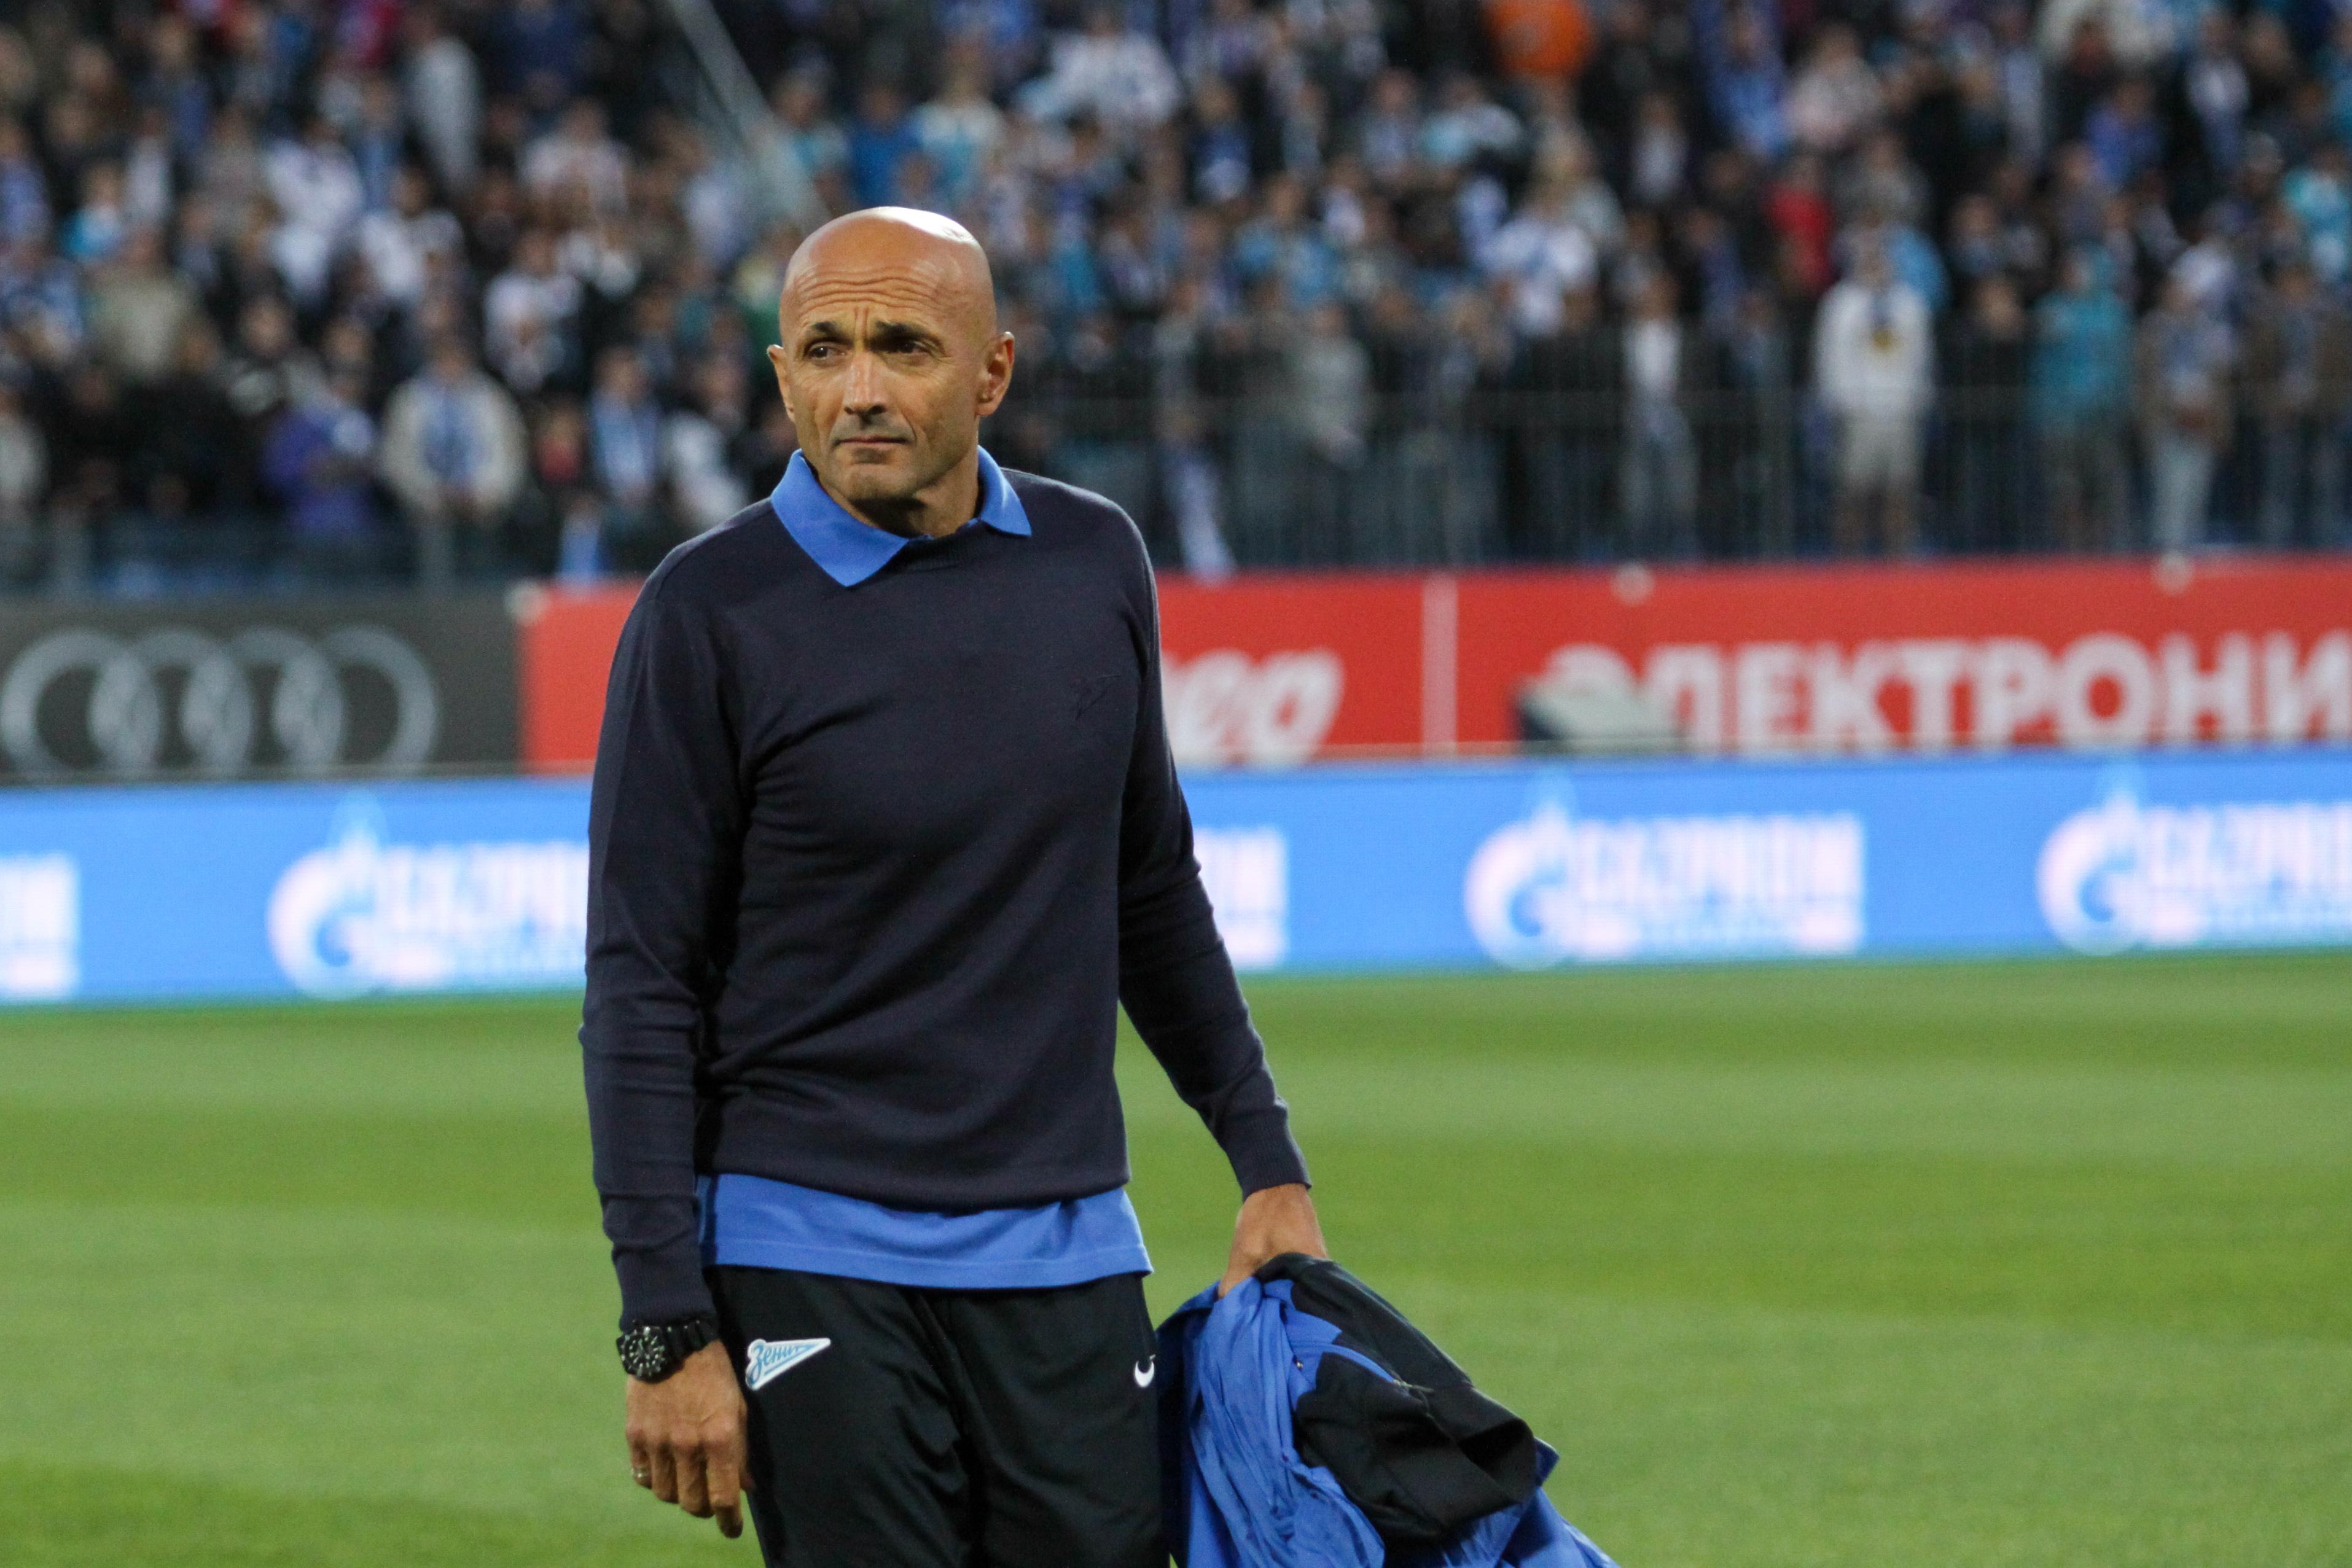 Лучано Спаллетти: в игре с «Атлетико» «Зенит» должен избежать таких невынужденных ошибок